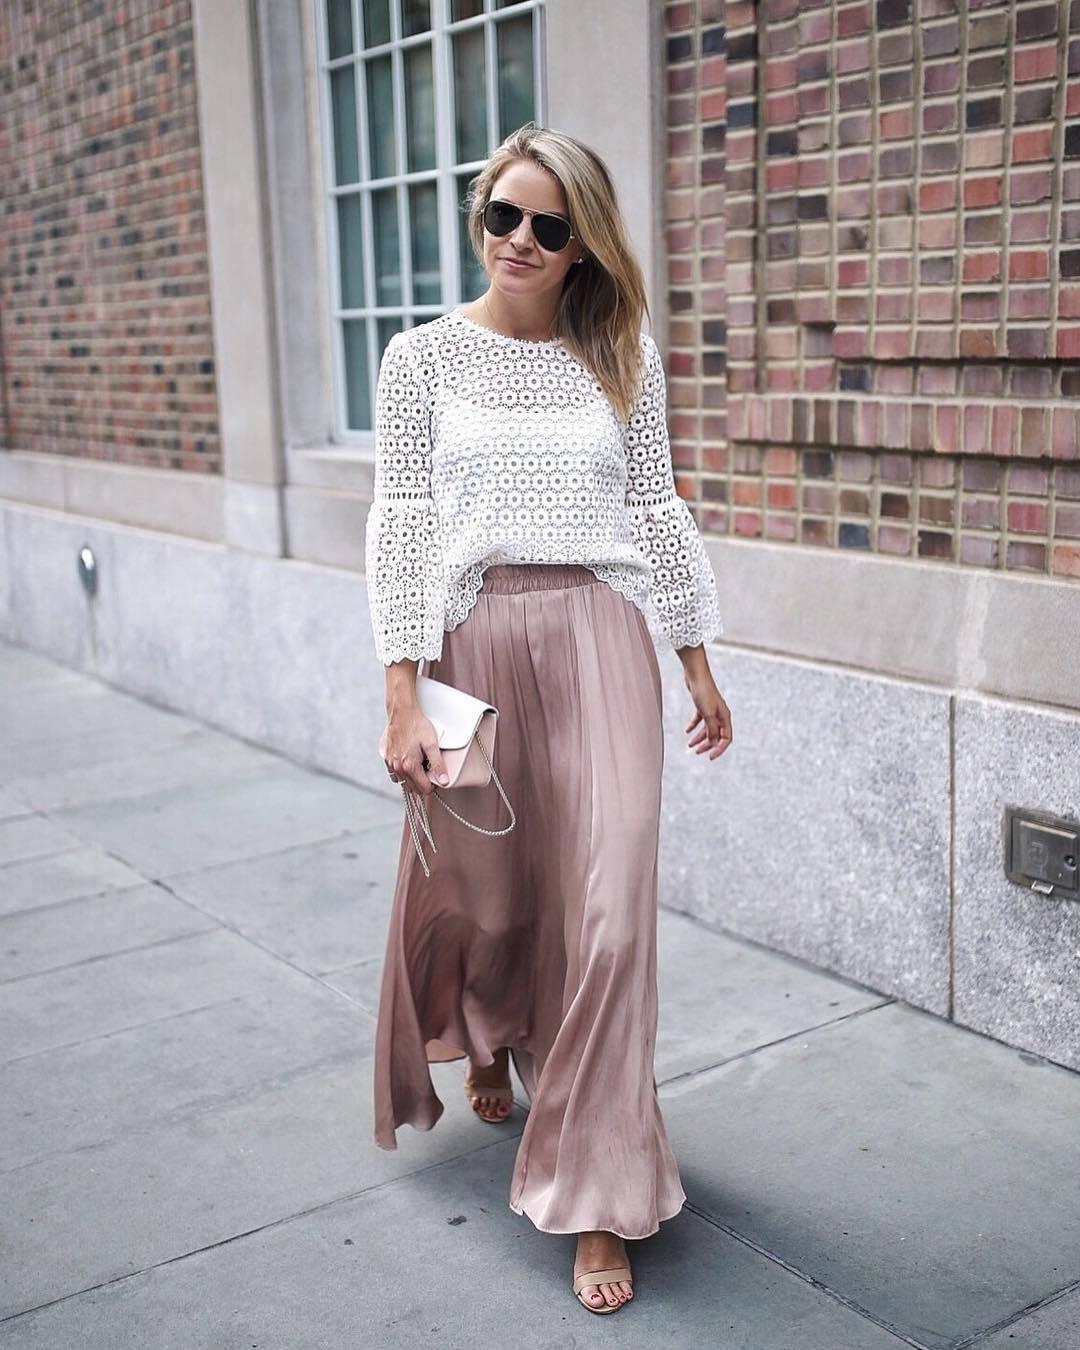 1de18639e Cómo combinar una falda larga plisada rosa (11 looks de moda) | Moda ...